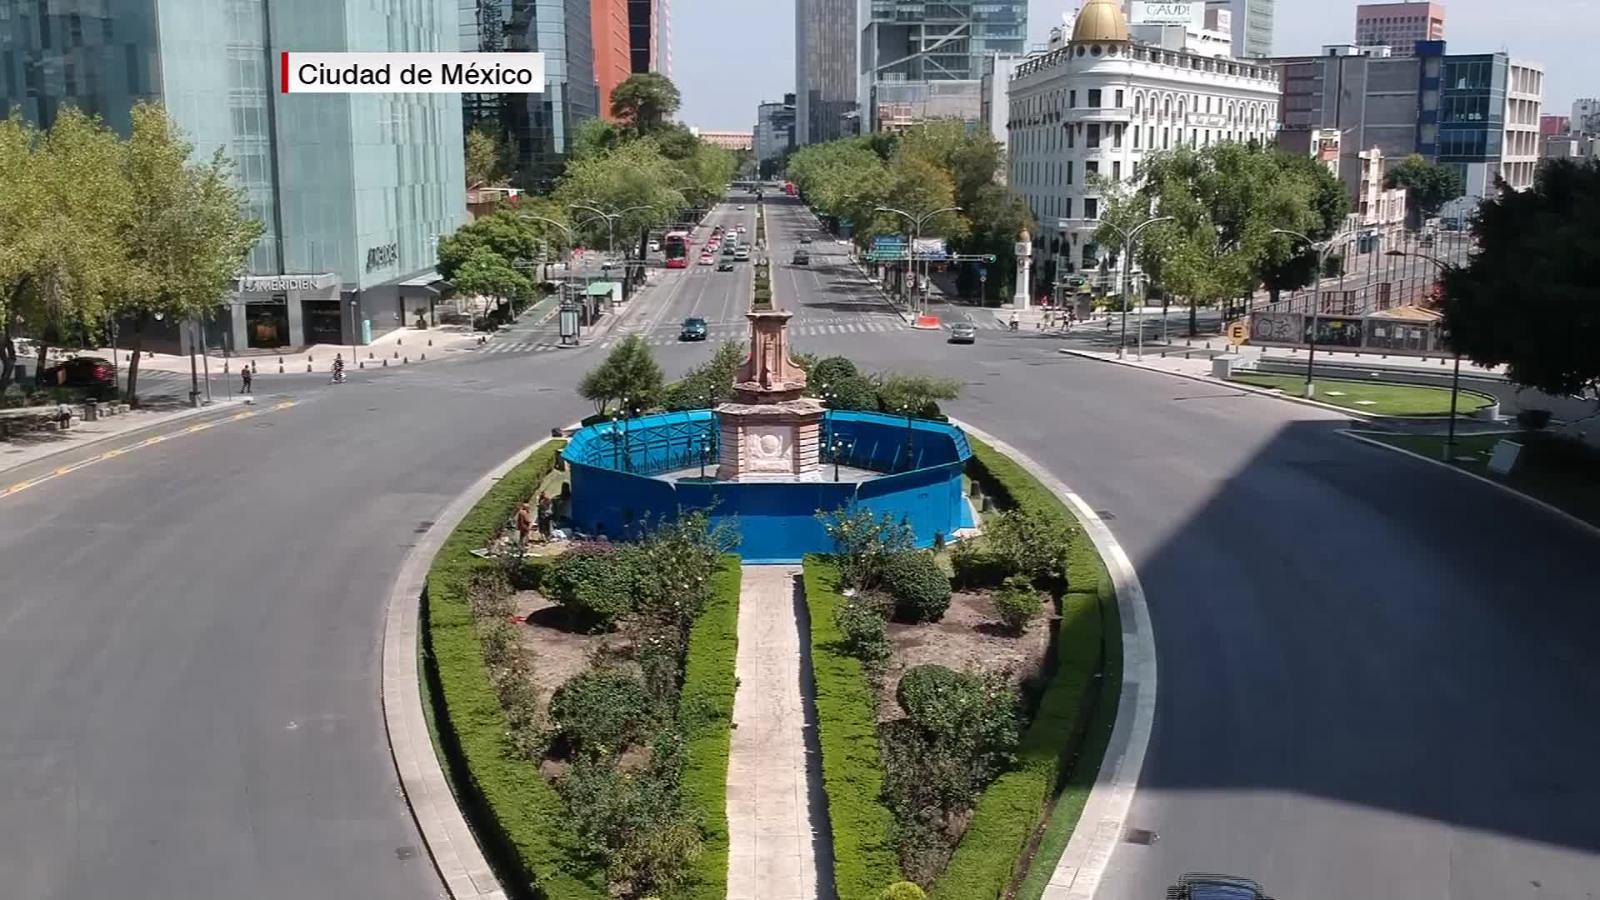 México: retiran la estatua de Cristóbal Colón en coincidencia con 12 de  octubre | Video | CNN